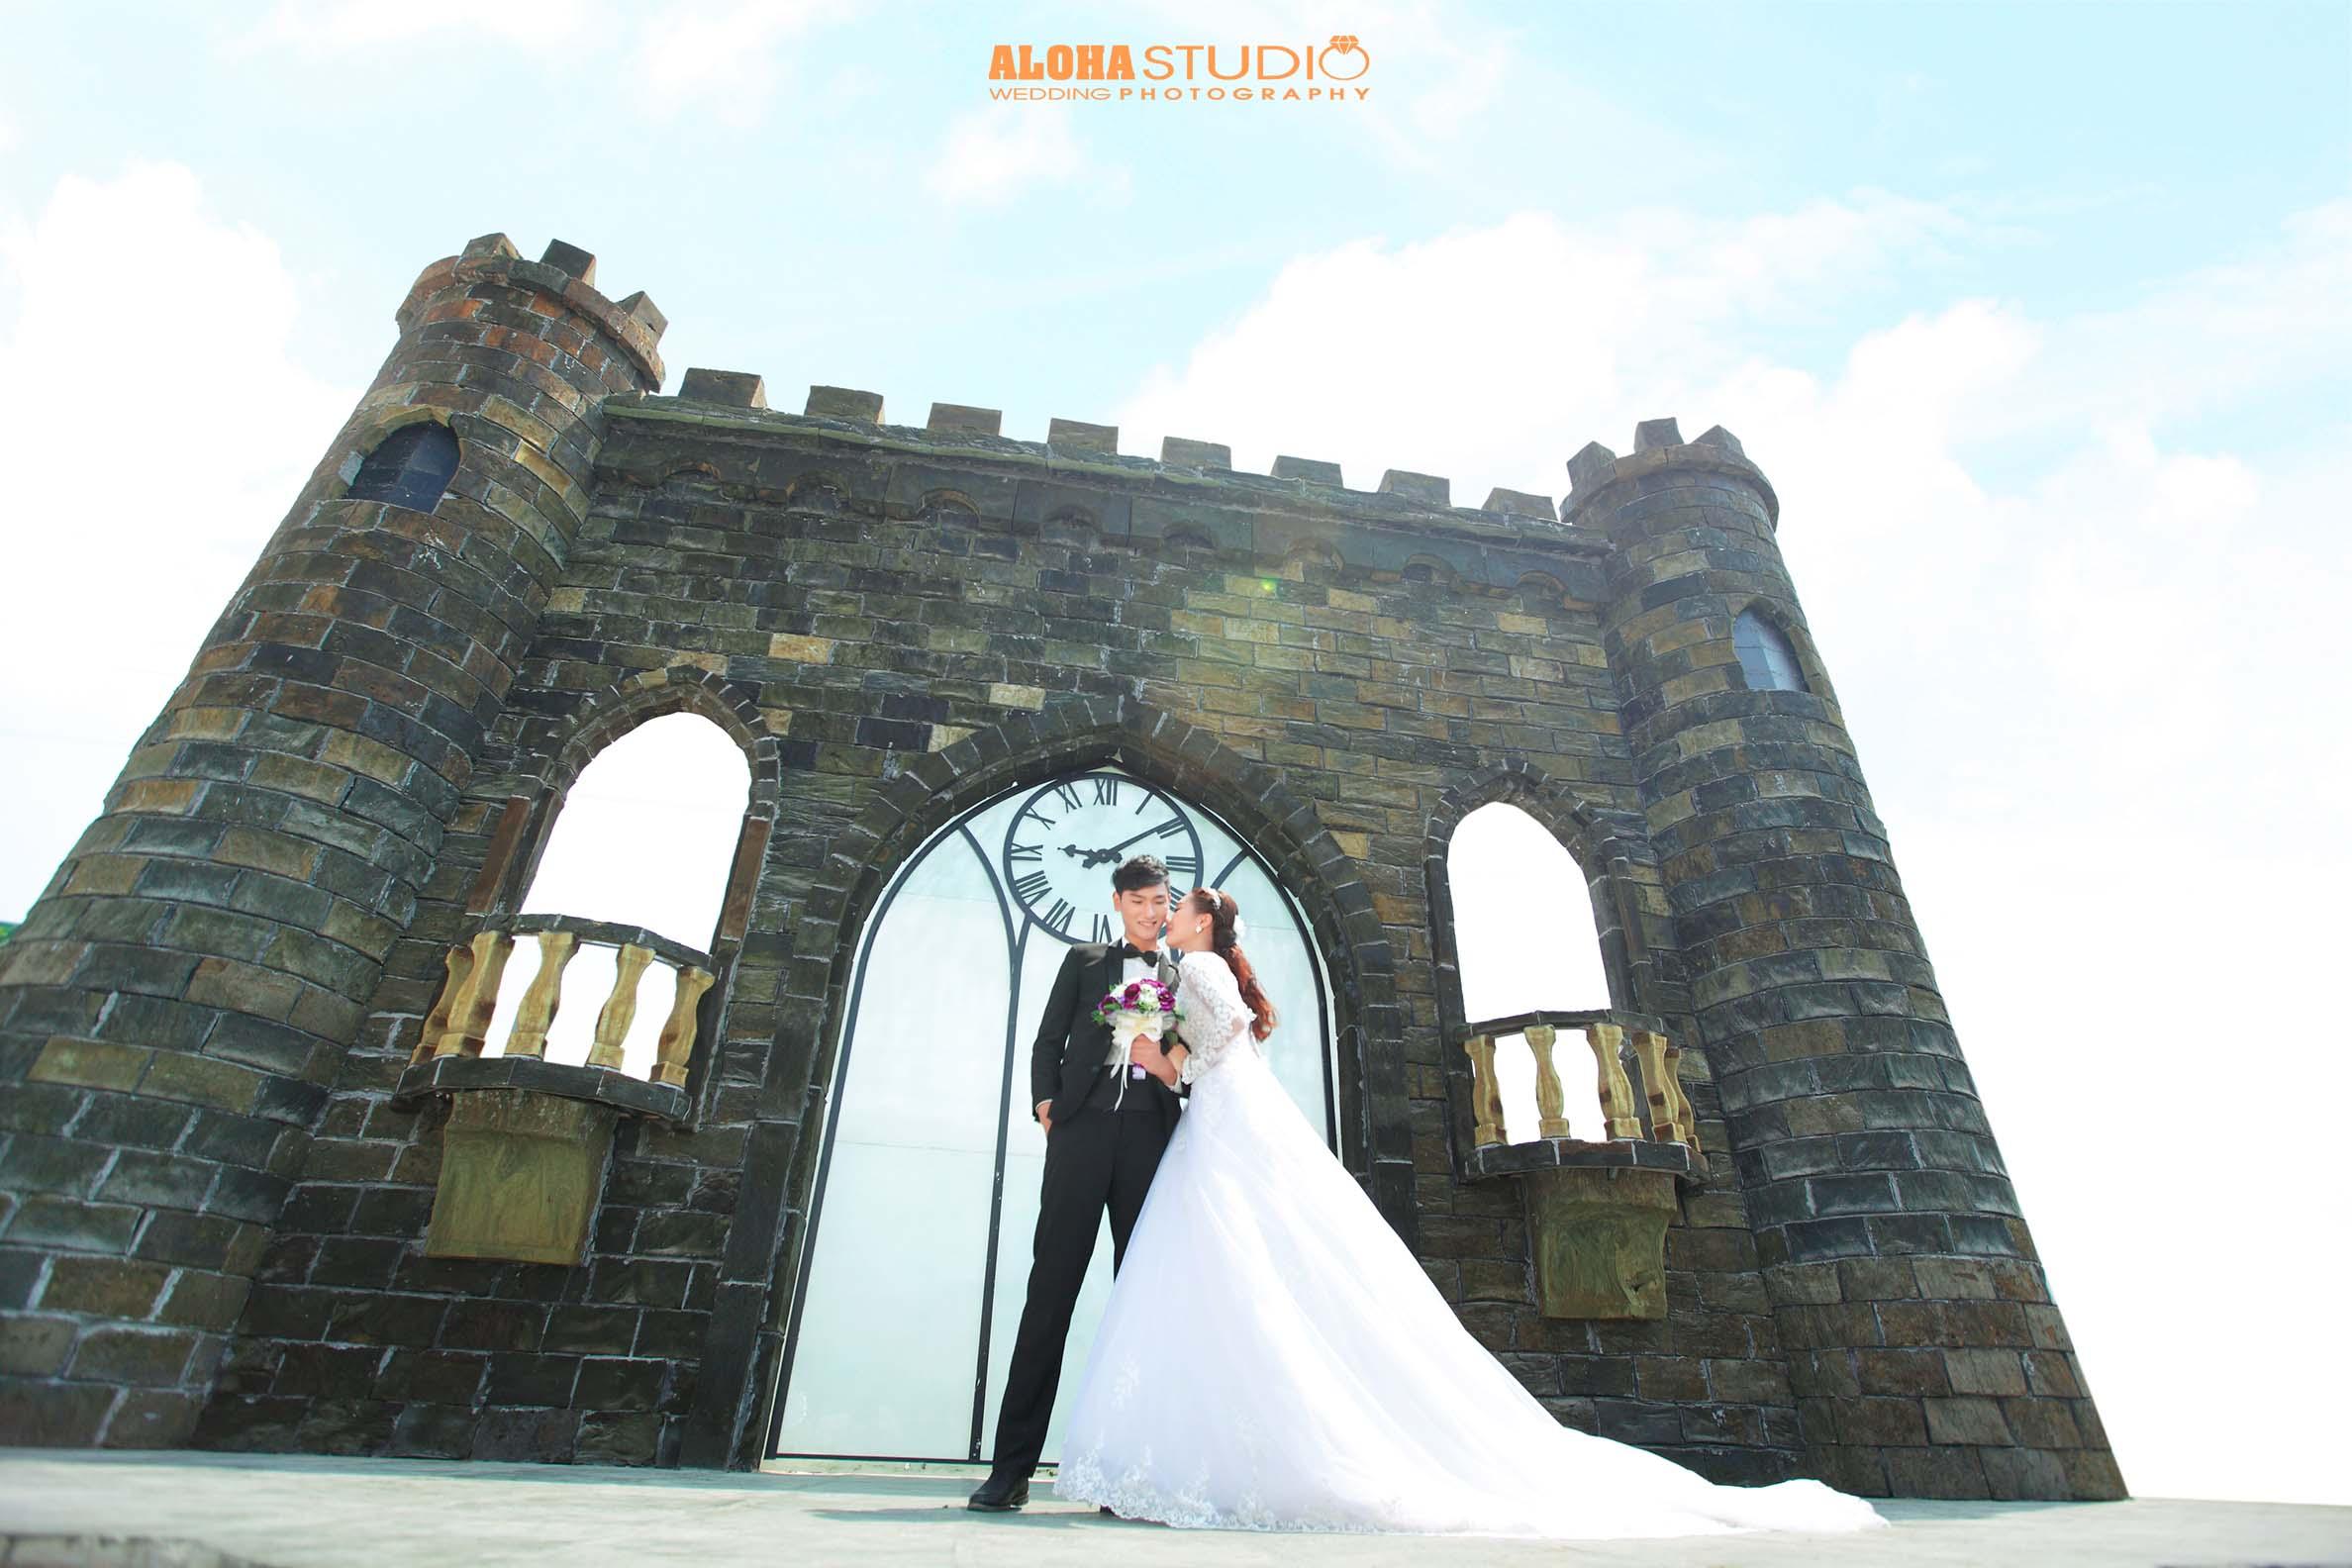 Chụp ảnh cưới phim trường ngoại cảnh hồ văn huê 2017